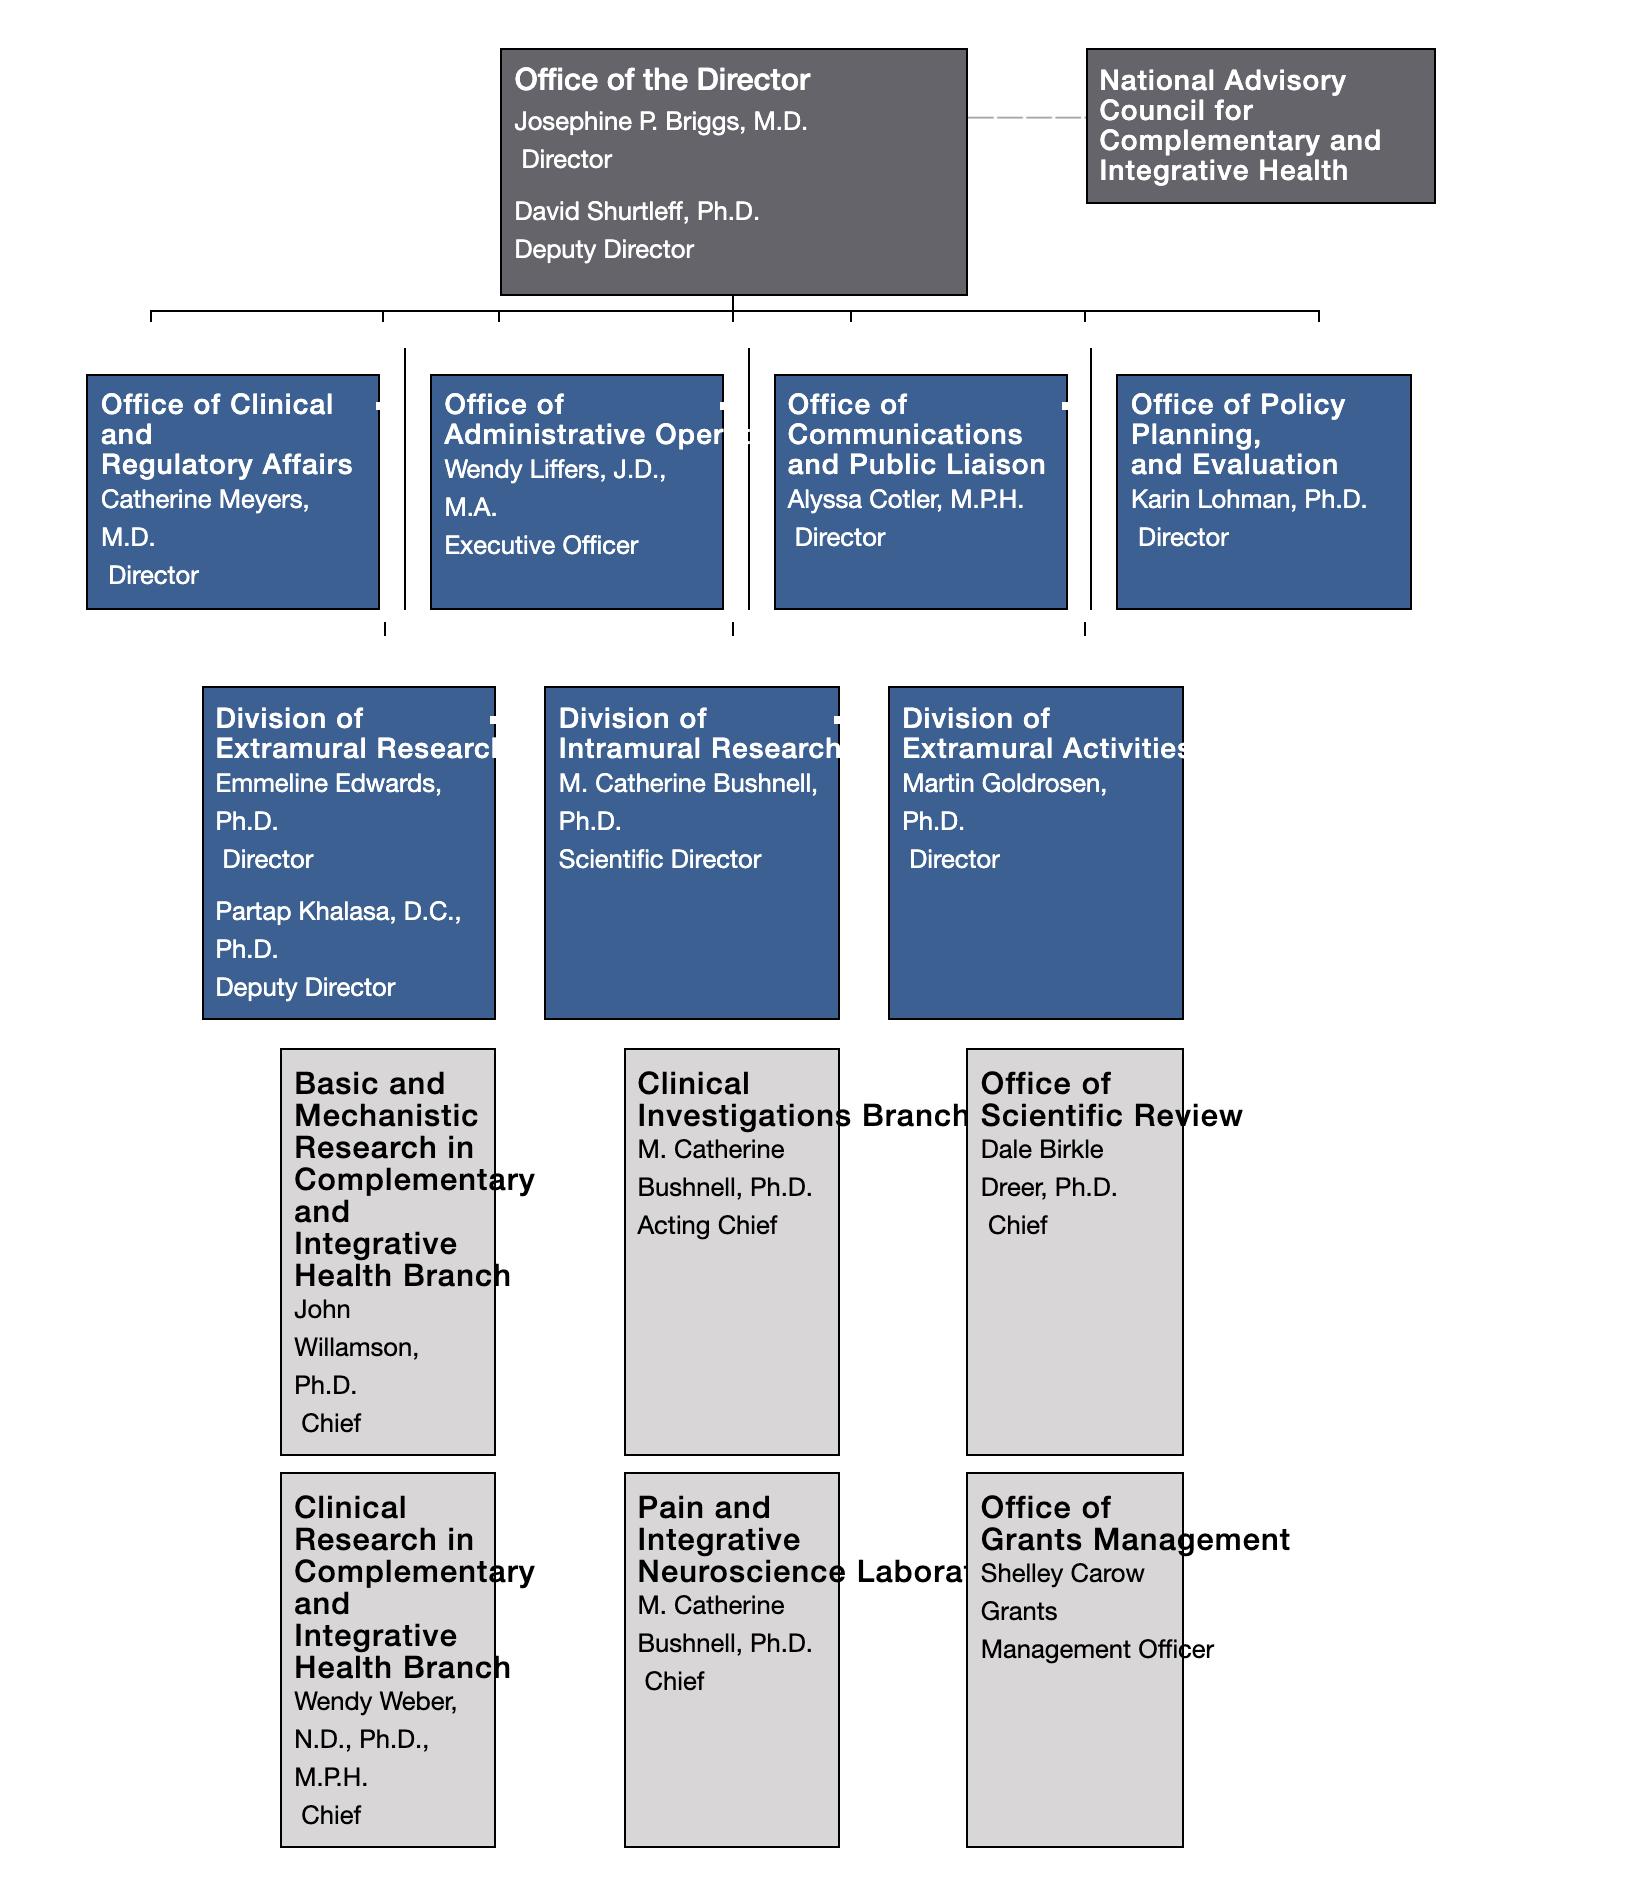 2017 Organizational Chart